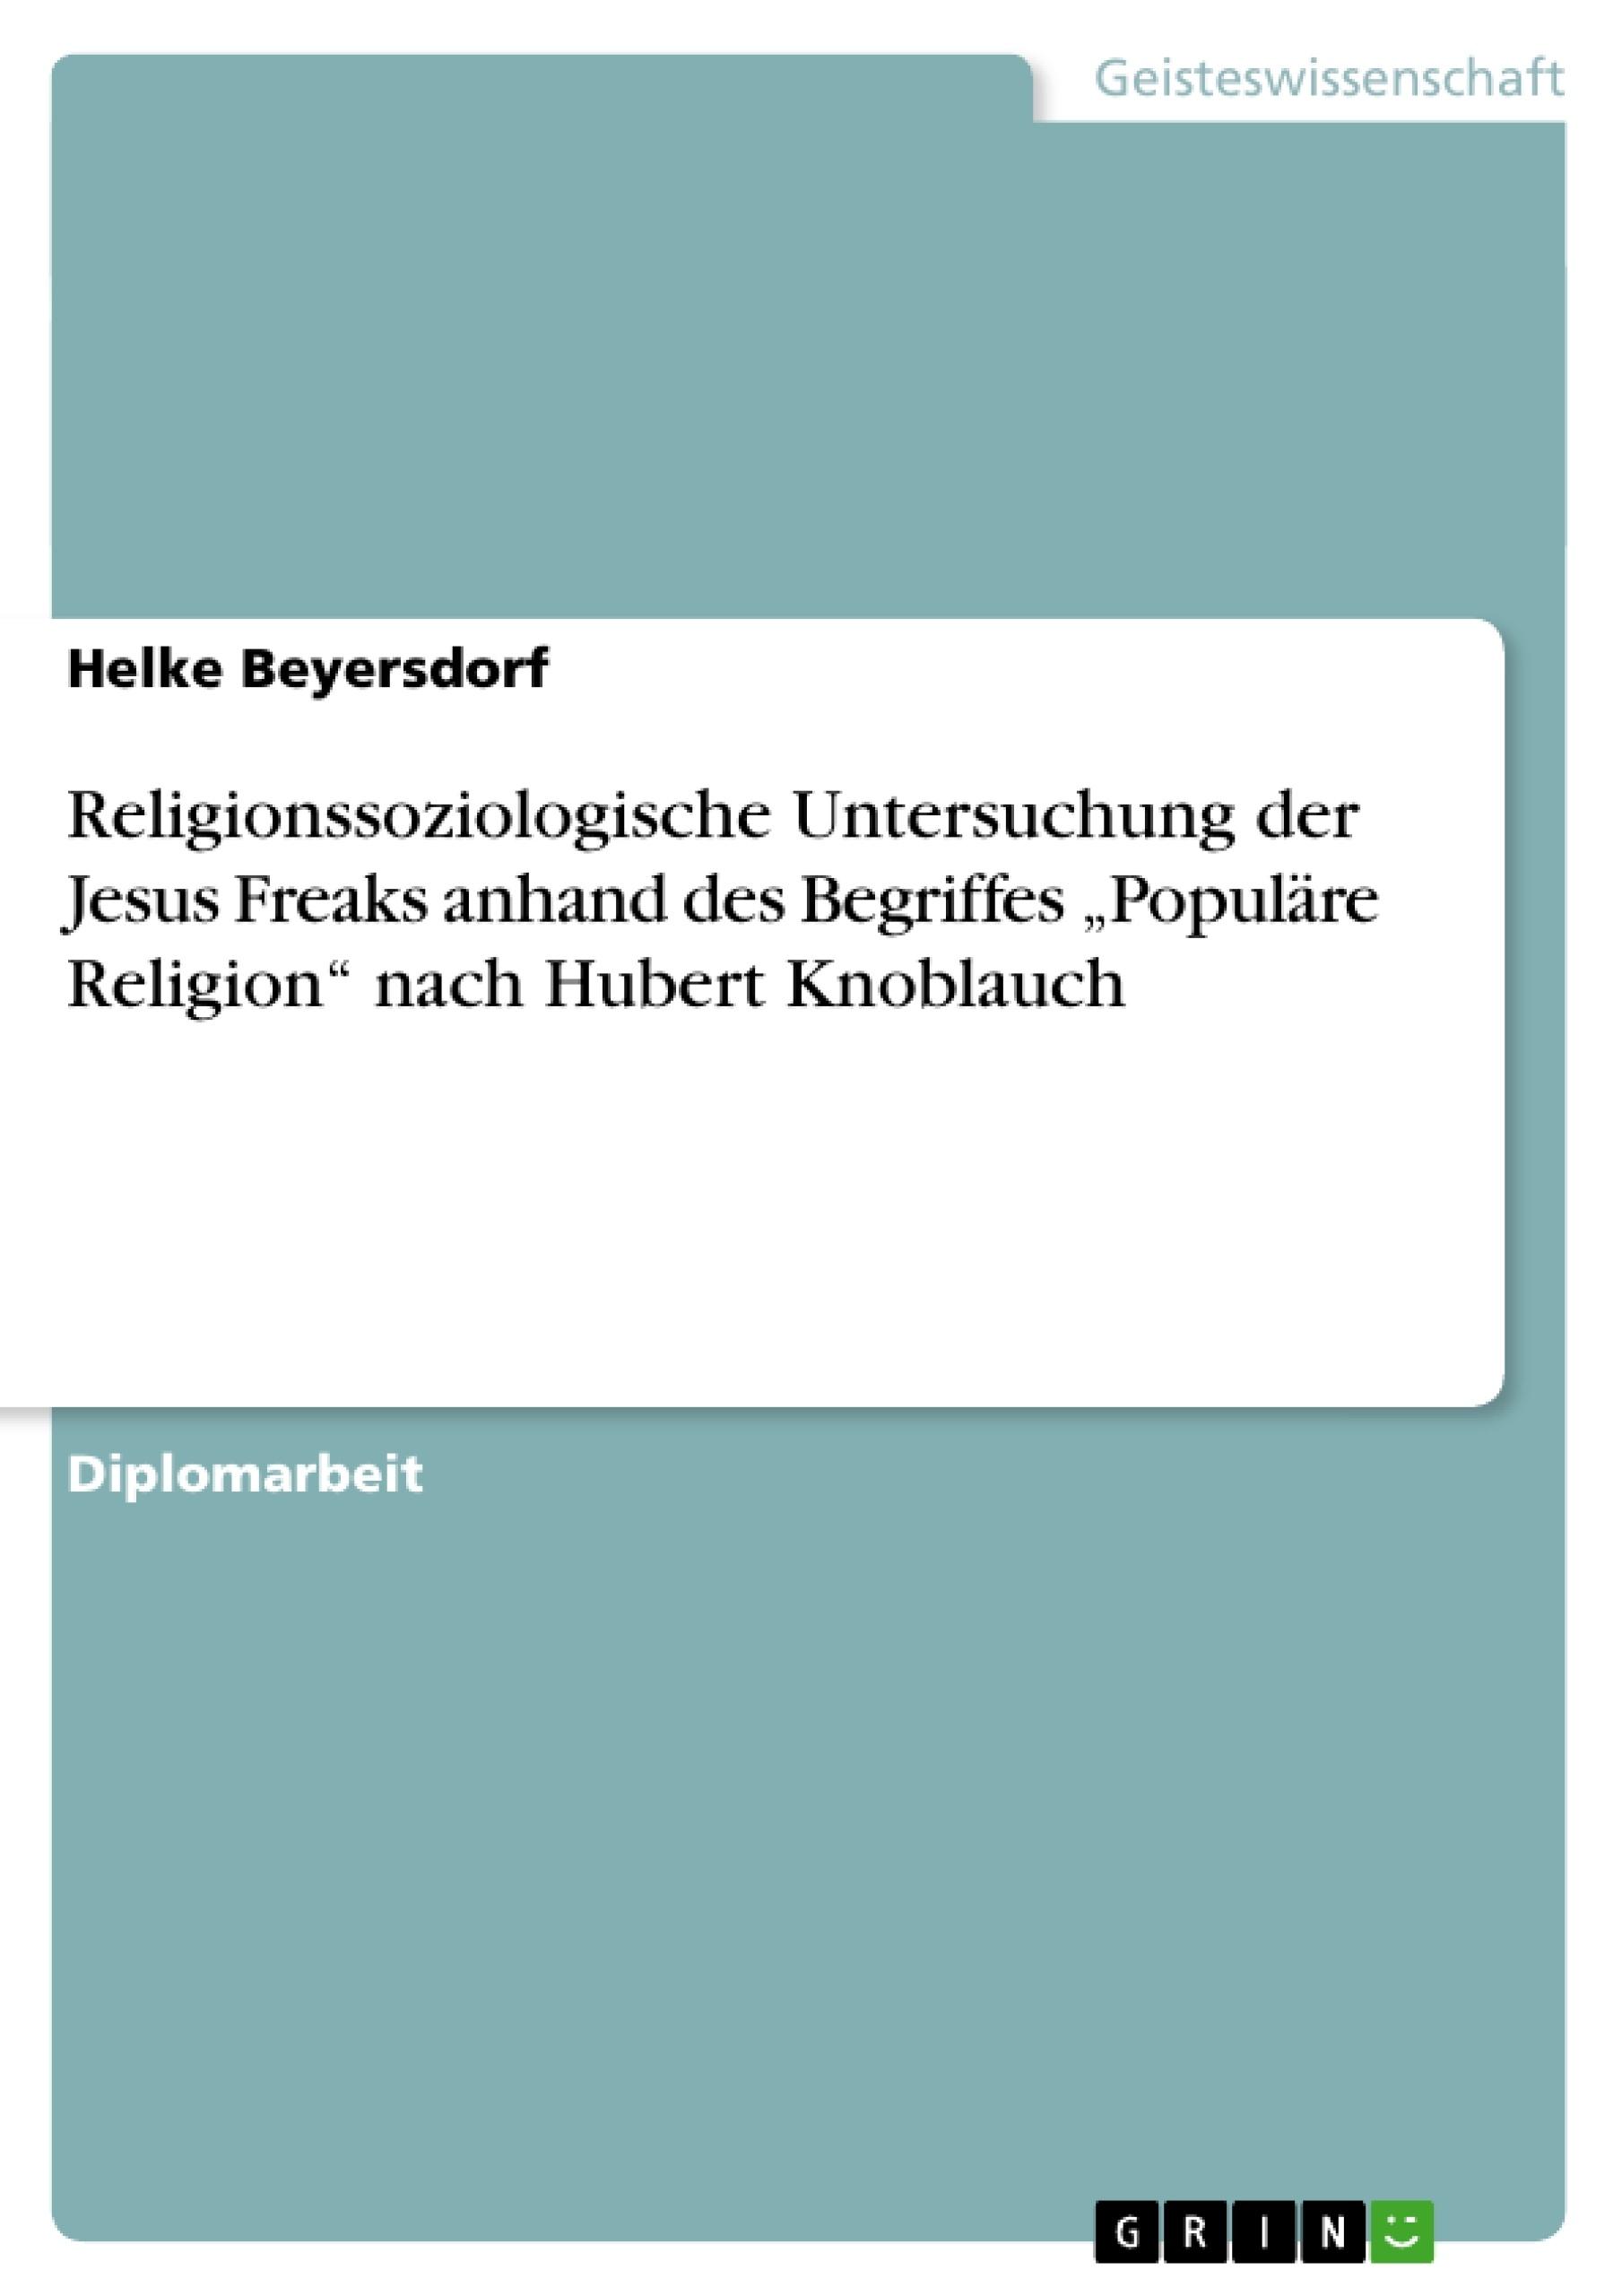 """Titel: Religionssoziologische Untersuchung der Jesus Freaks anhand des Begriffes """"Populäre Religion"""" nach  Hubert Knoblauch"""